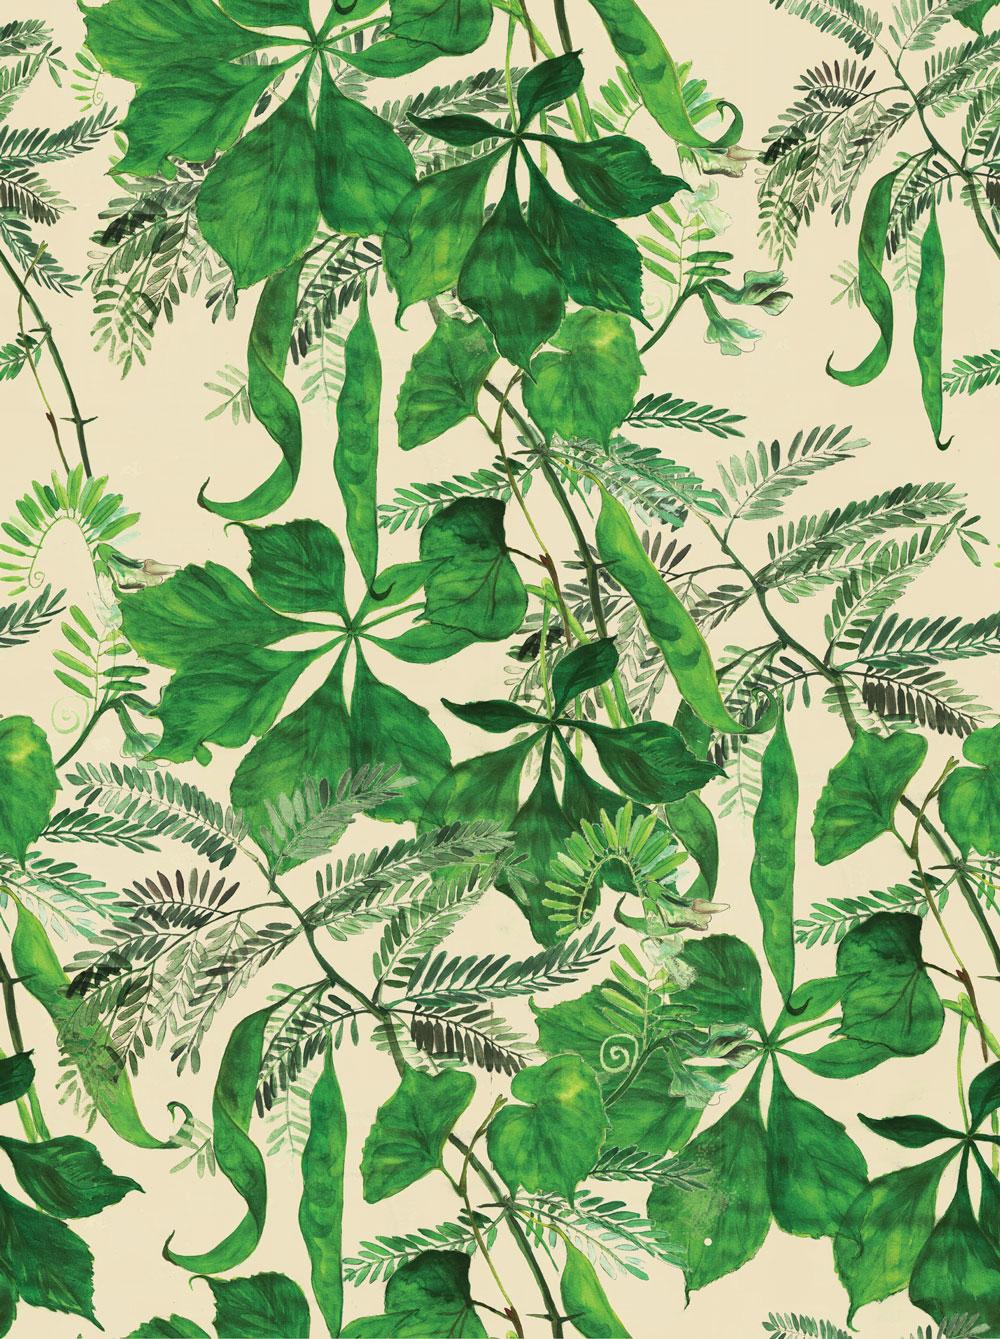 Хартиени тапети, с оригинални дизайнерски десени. Направени с размери, зададени от клиента. Декоративни панели.